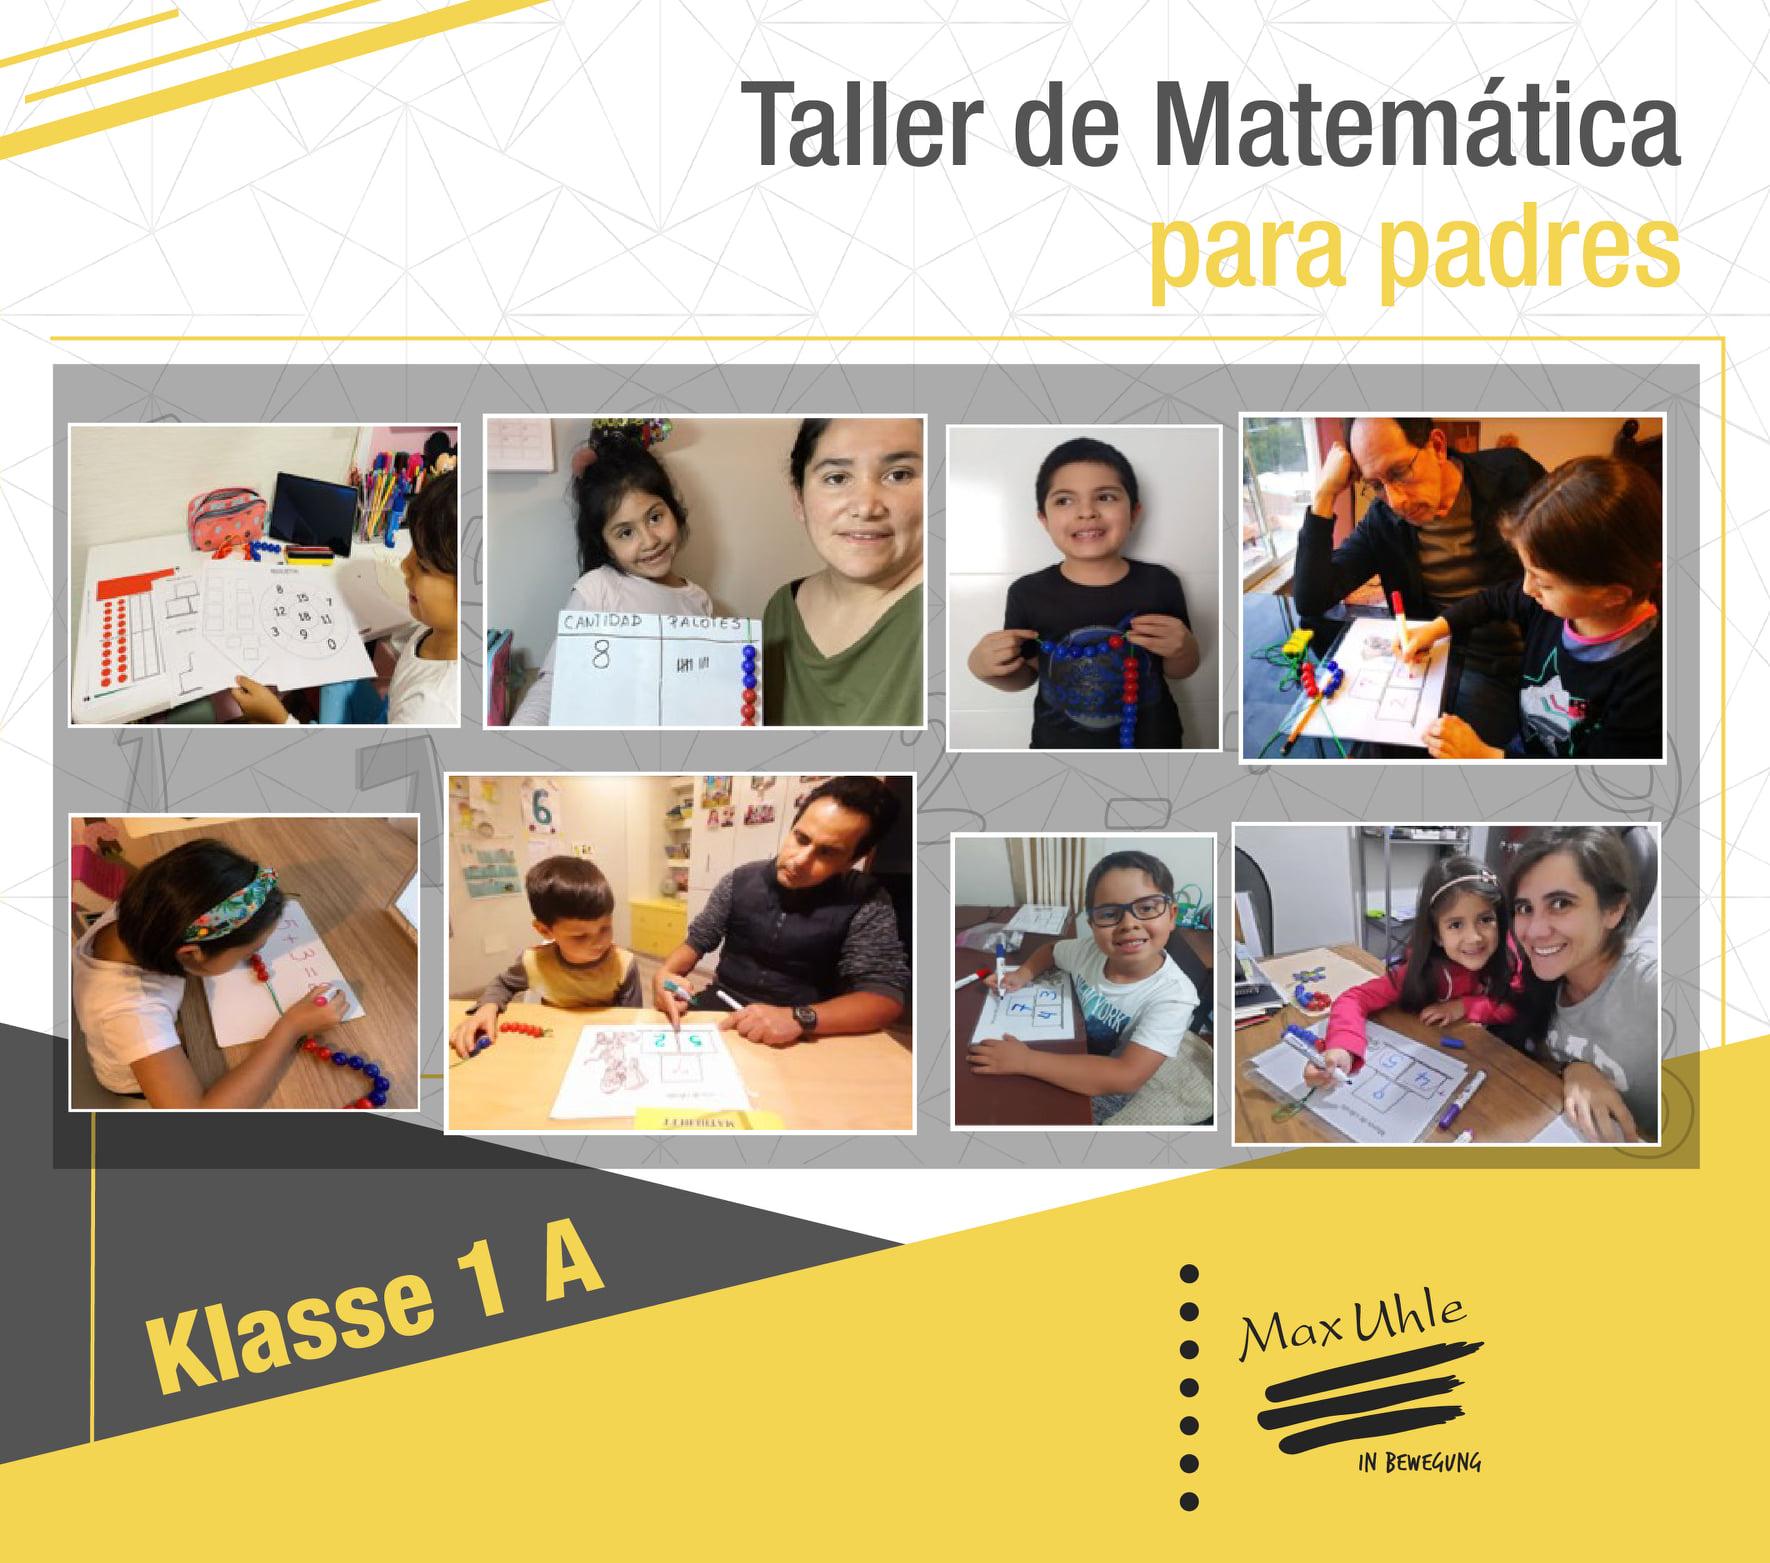 taller de matematica para padres clase 1 colegio max uhle (4)